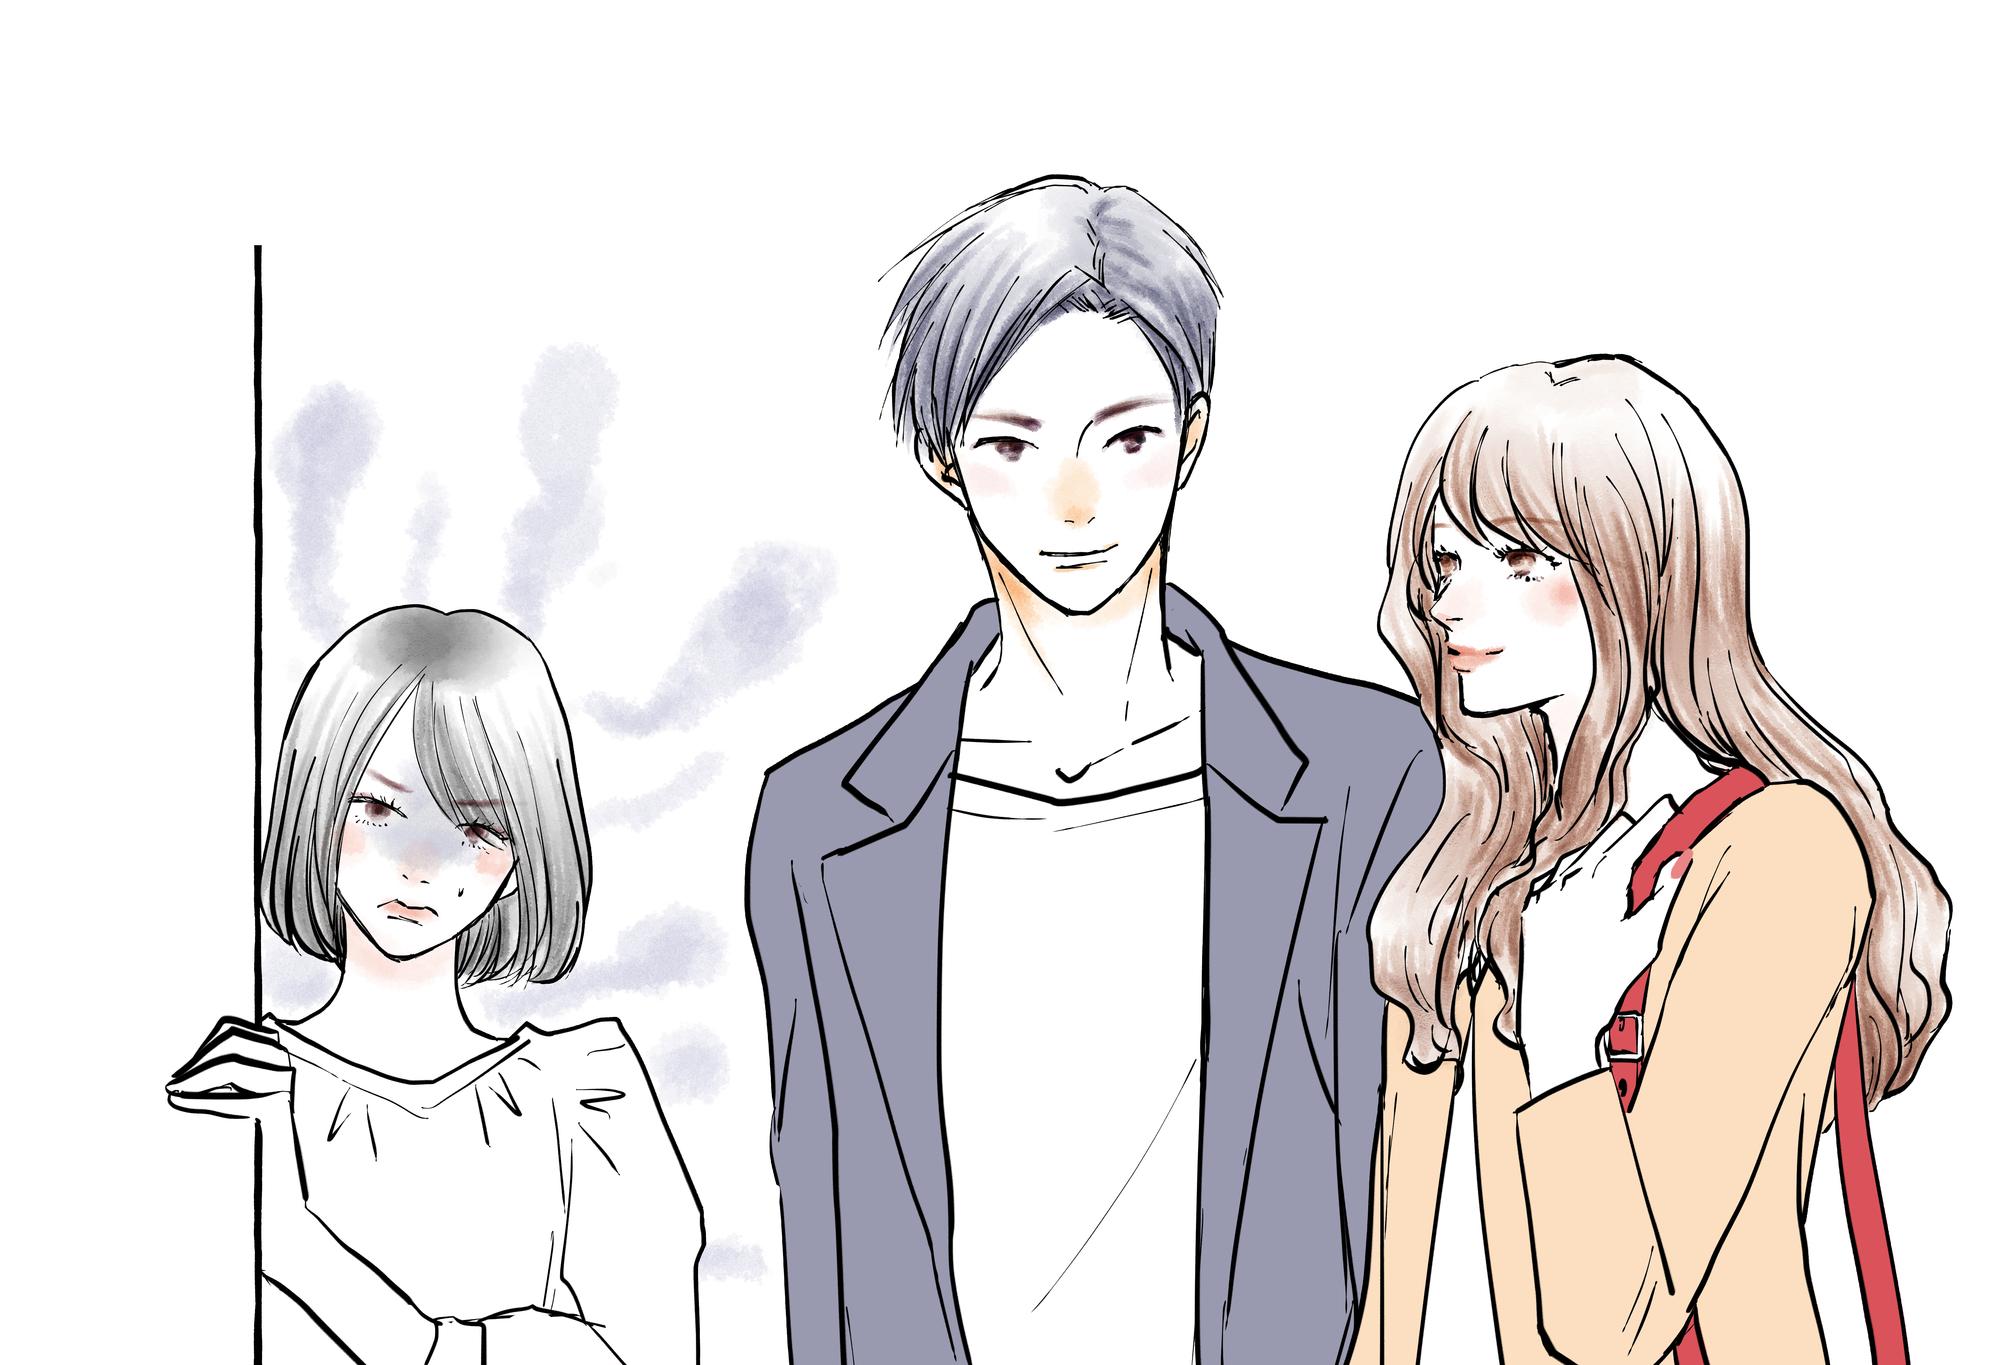 小泉進次郎議員と滝川クリステルの結婚について考察する。